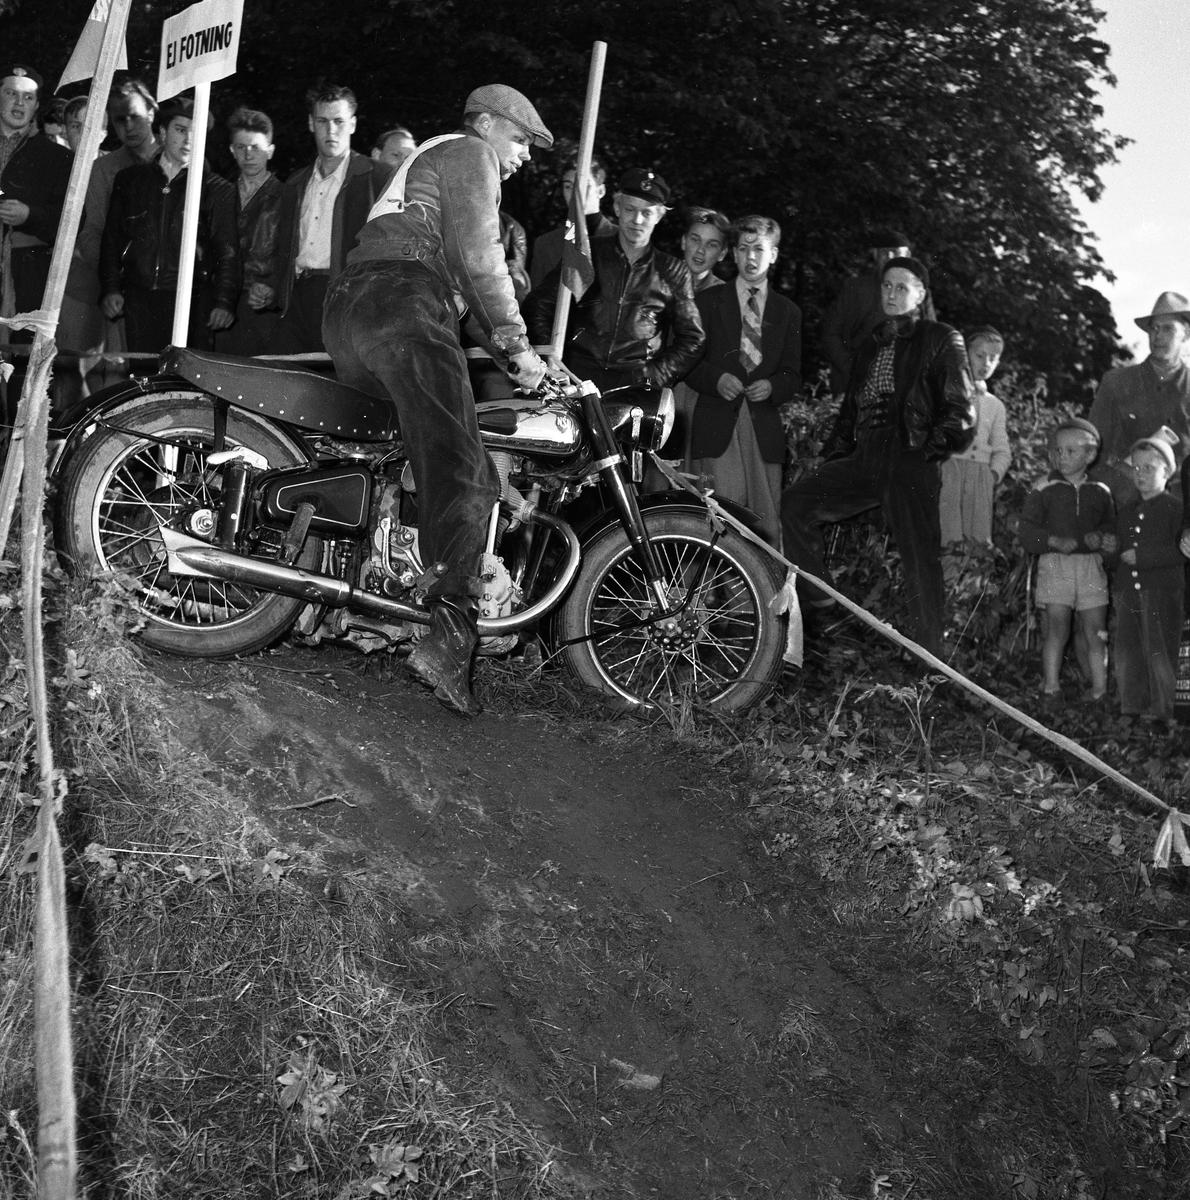 Arbogas Stjärnknutte Tävling i terrängkörning med motorcykel. Här står motorcykeln på tvären i nerförsbacken. Publiken tittar intresserat på.